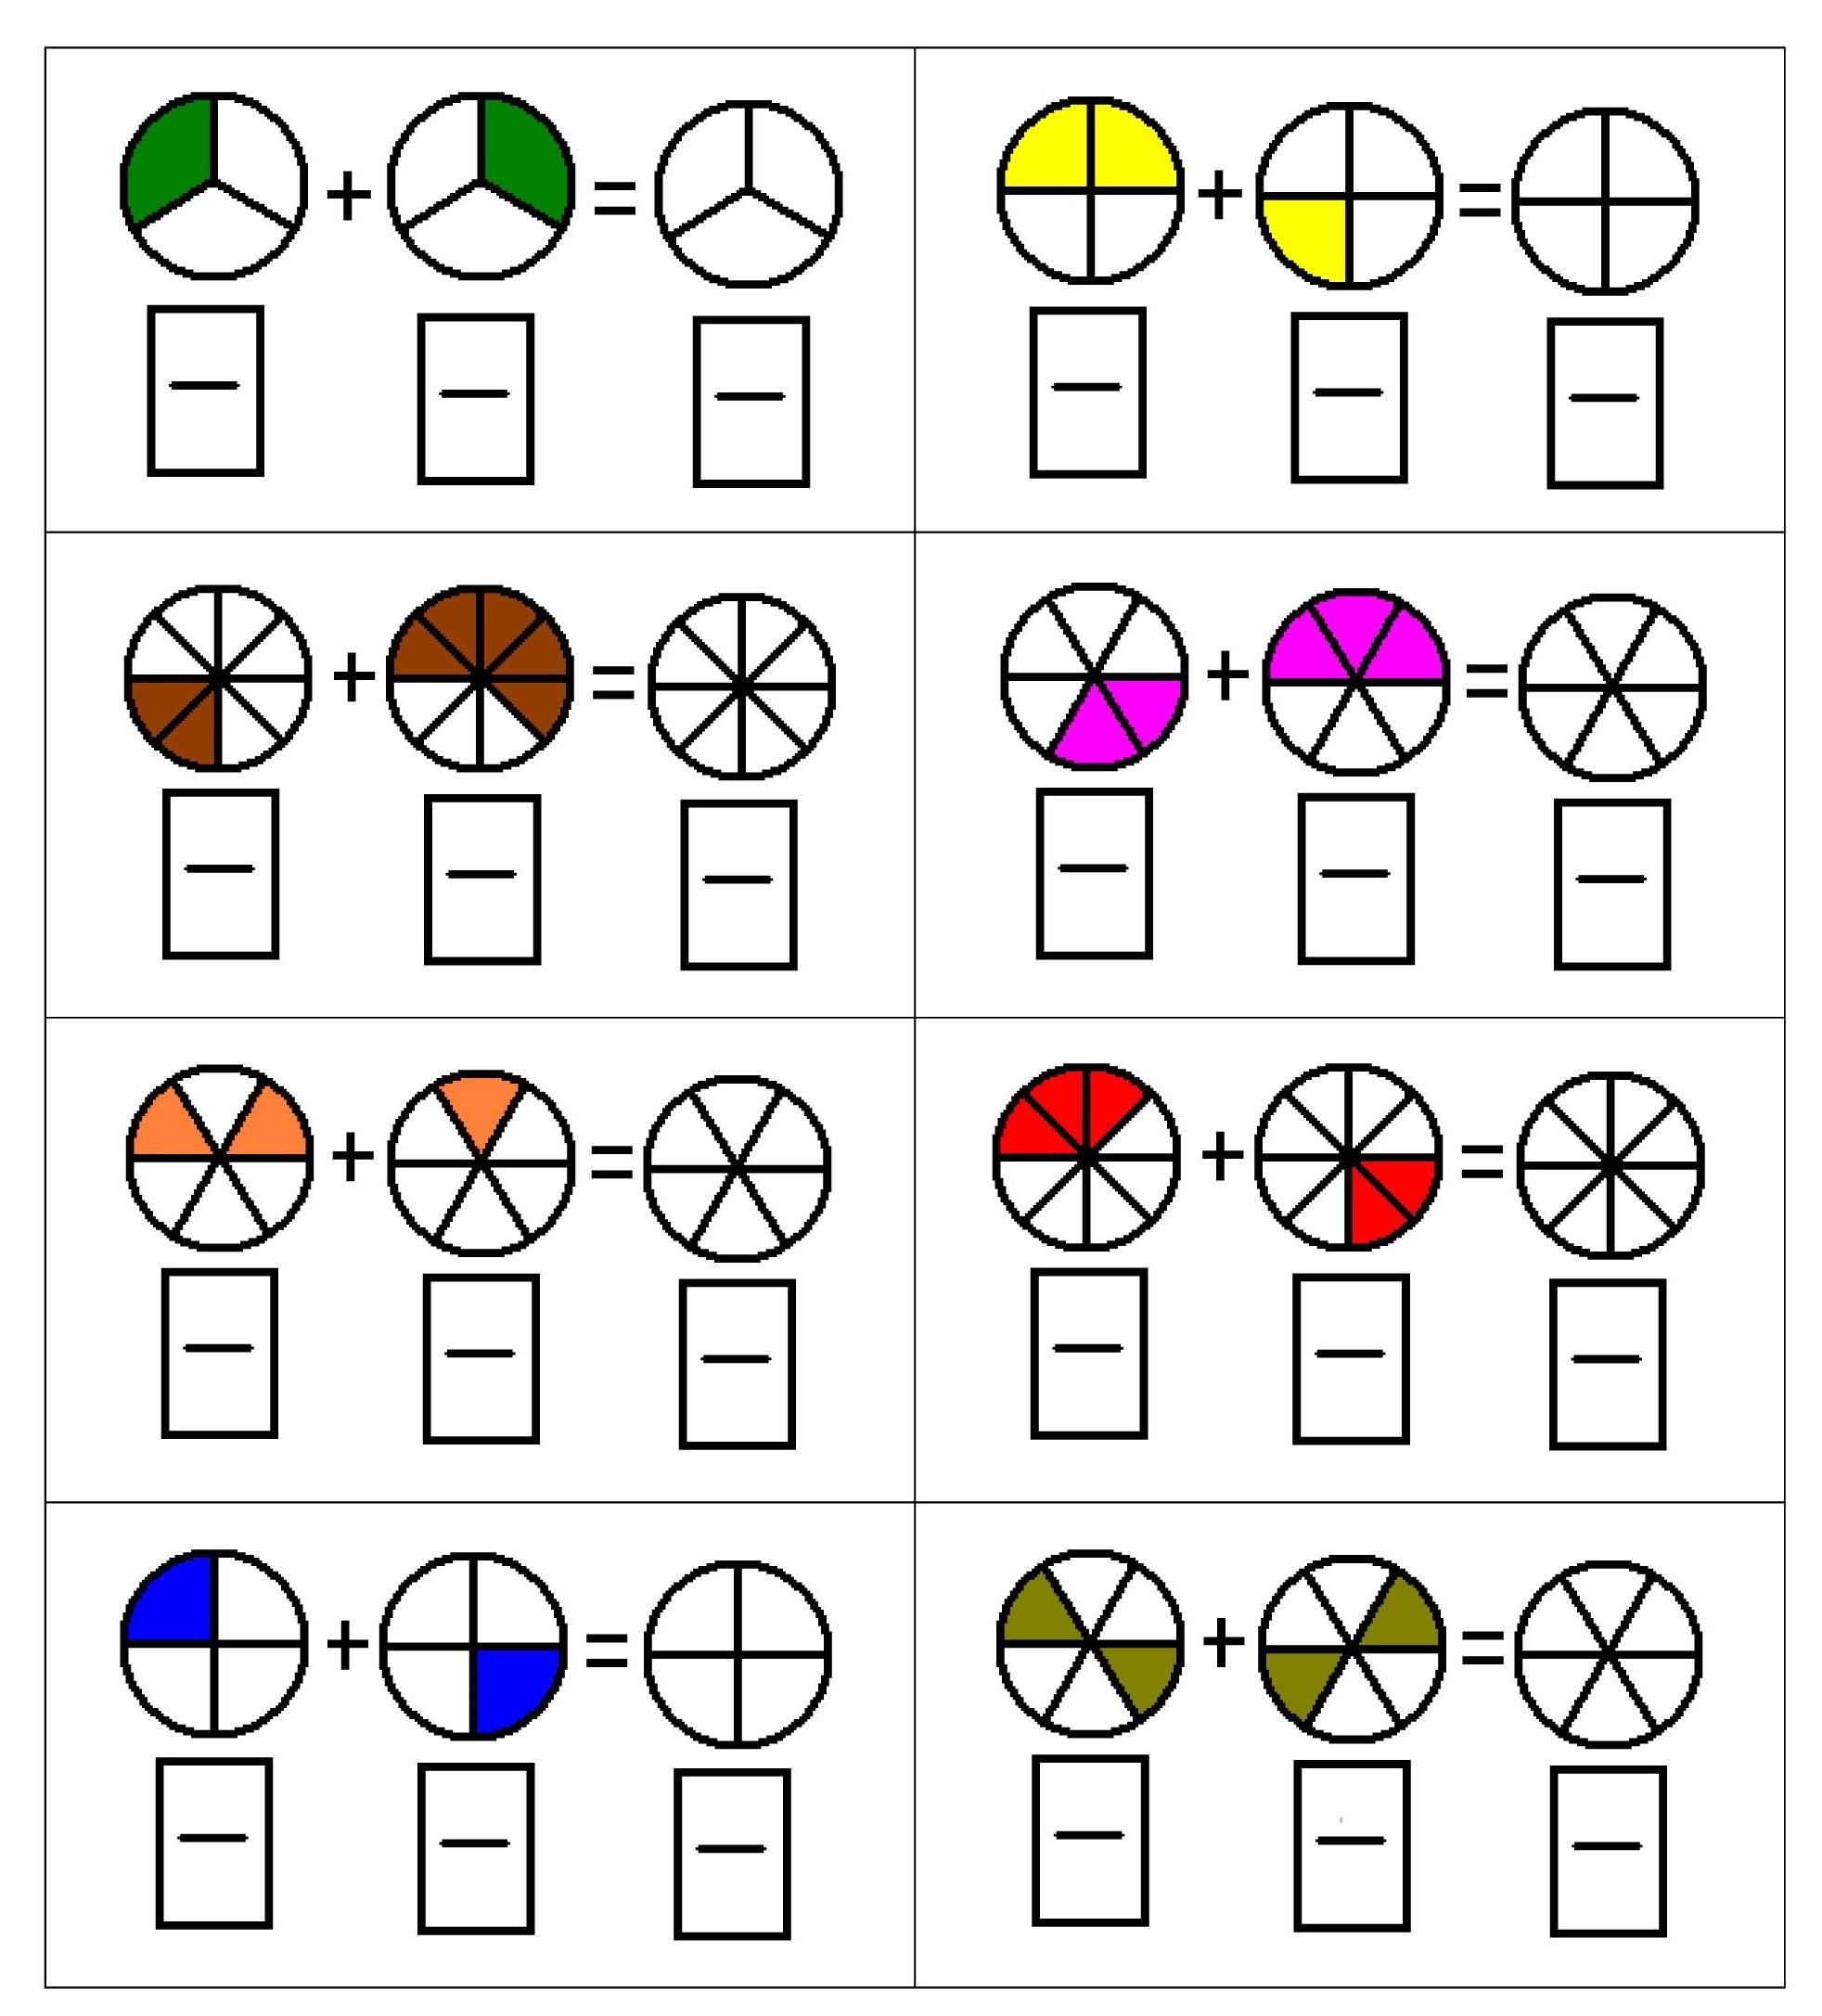 Evaluaci%C3%B3n+de+fracciones.jpg